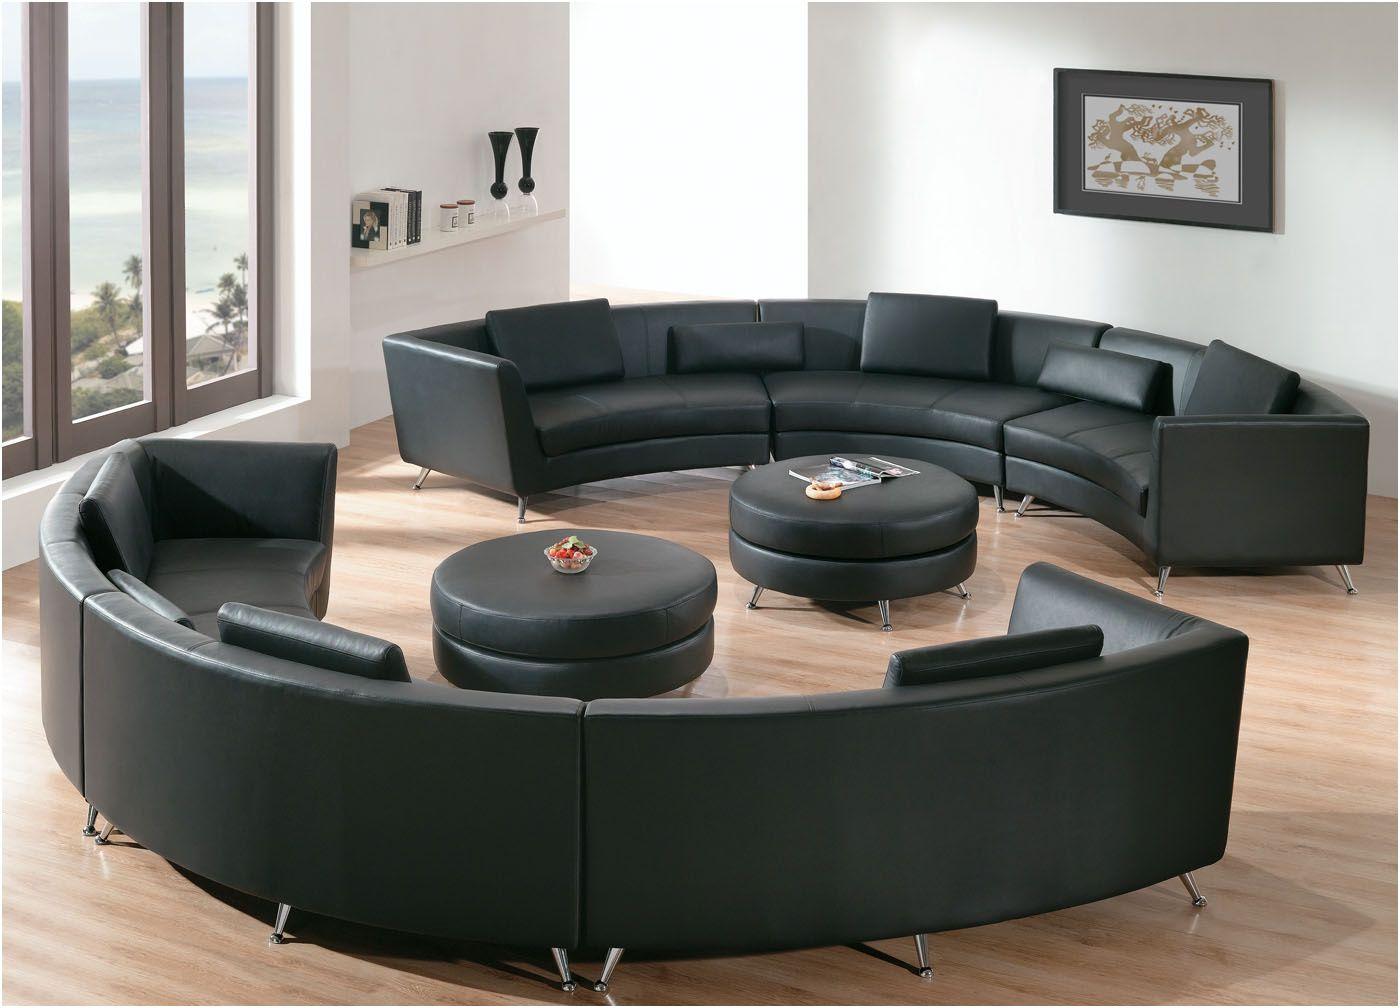 Exotisch Sofa Rund Rundes Sofa Wohnzimmermobel Modern Sofa Design